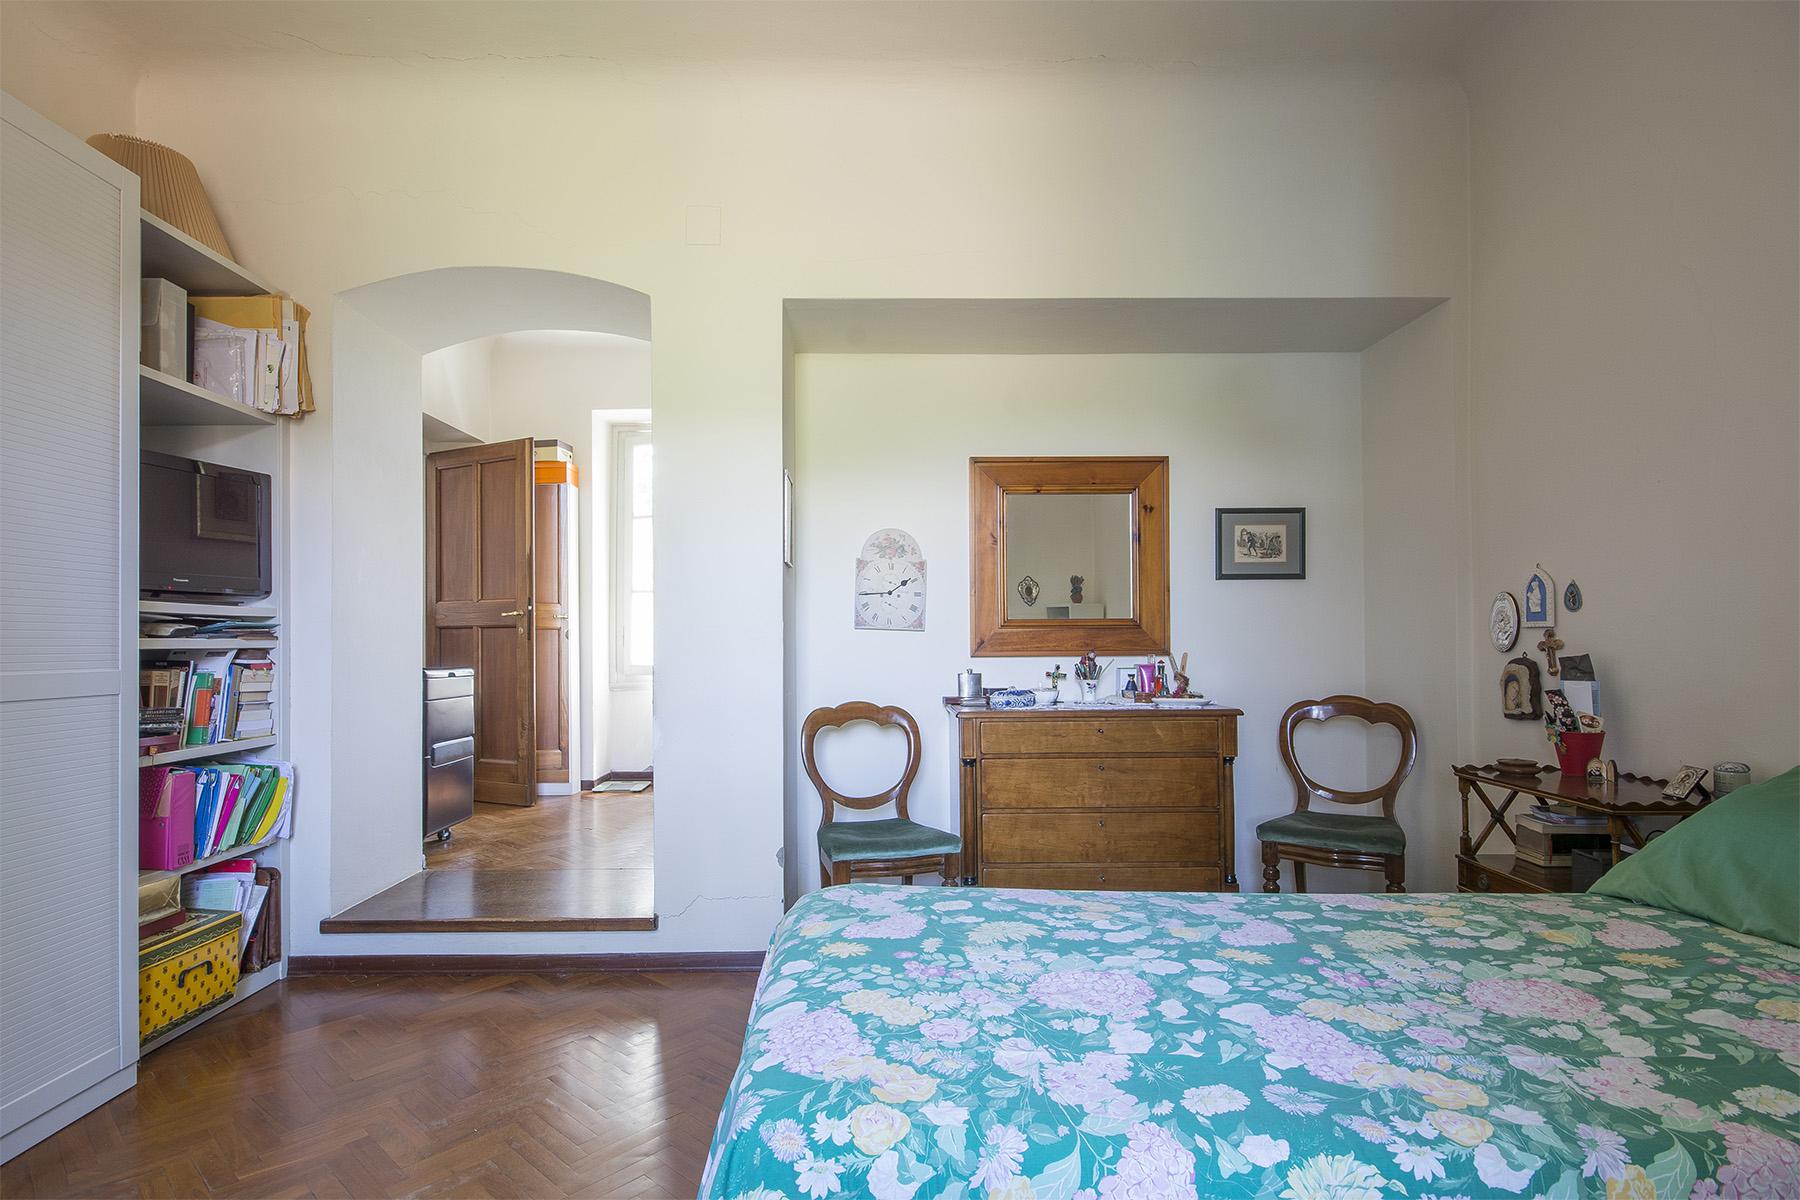 Rustico in Vendita a Monsummano Terme: 5 locali, 570 mq - Foto 23